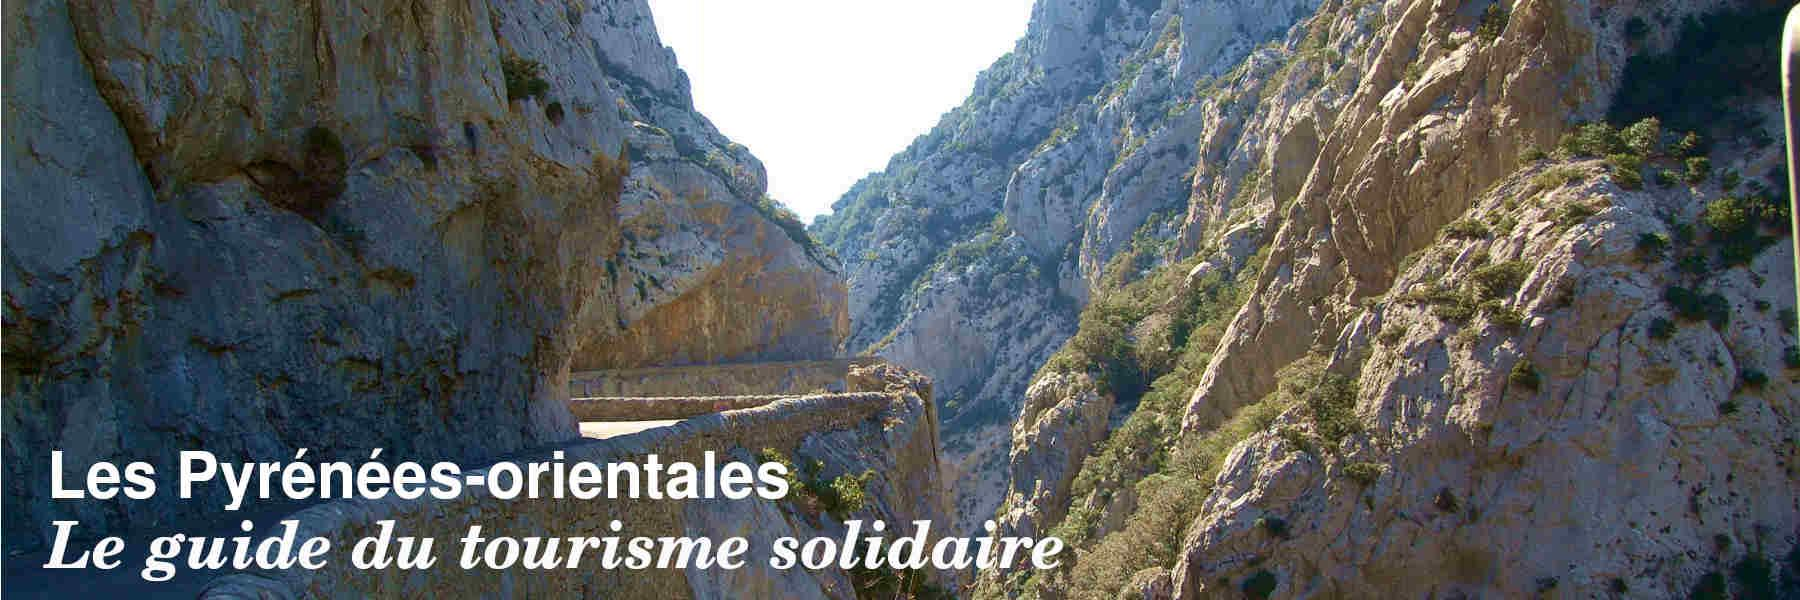 Le guide du tourisme solidaire en Pyrénées-Orientales